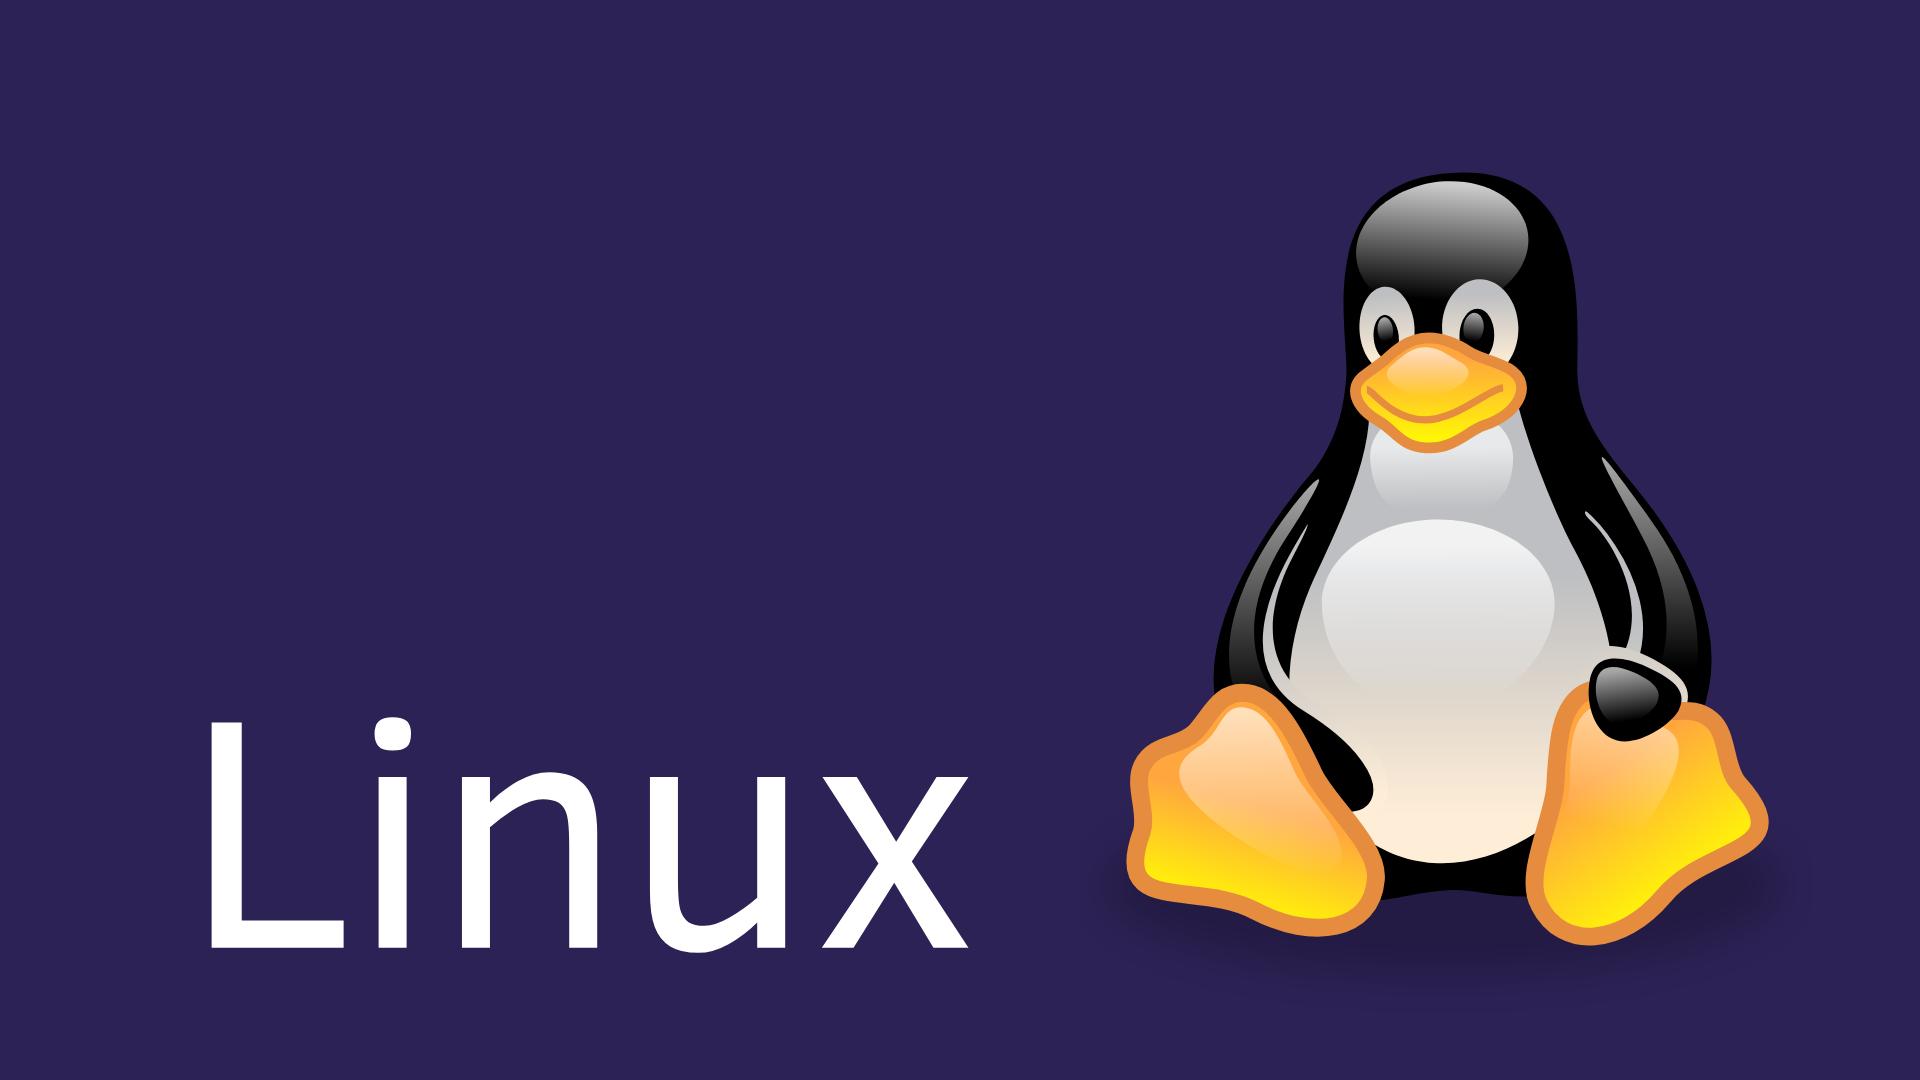 インストール、ファイルシステム、シェル、管理、ネットワークなど幅の広い内容を扱うLinuxのサーバ構築・管理の基礎